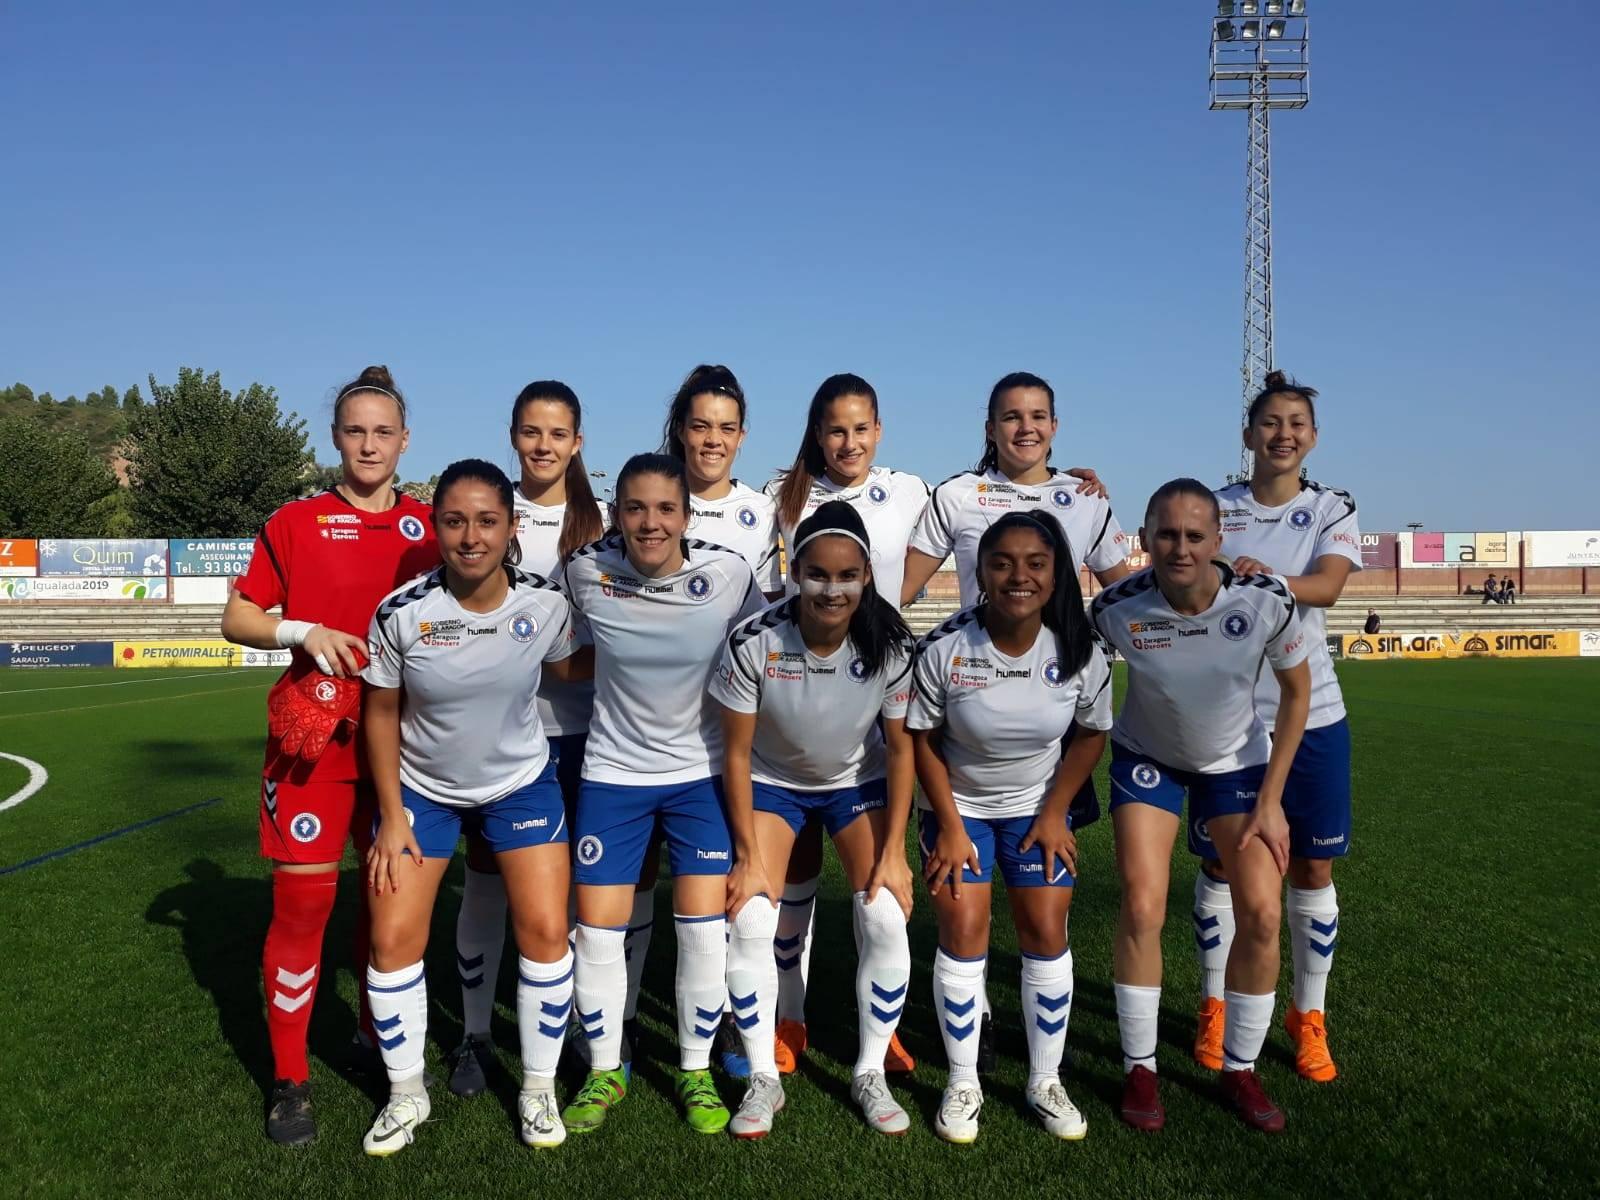 320760d928bc2 Merecida victoria del Zaragoza CFF en Igualada - Página oficial del Zaragoza  Club de Fútbol Femenino